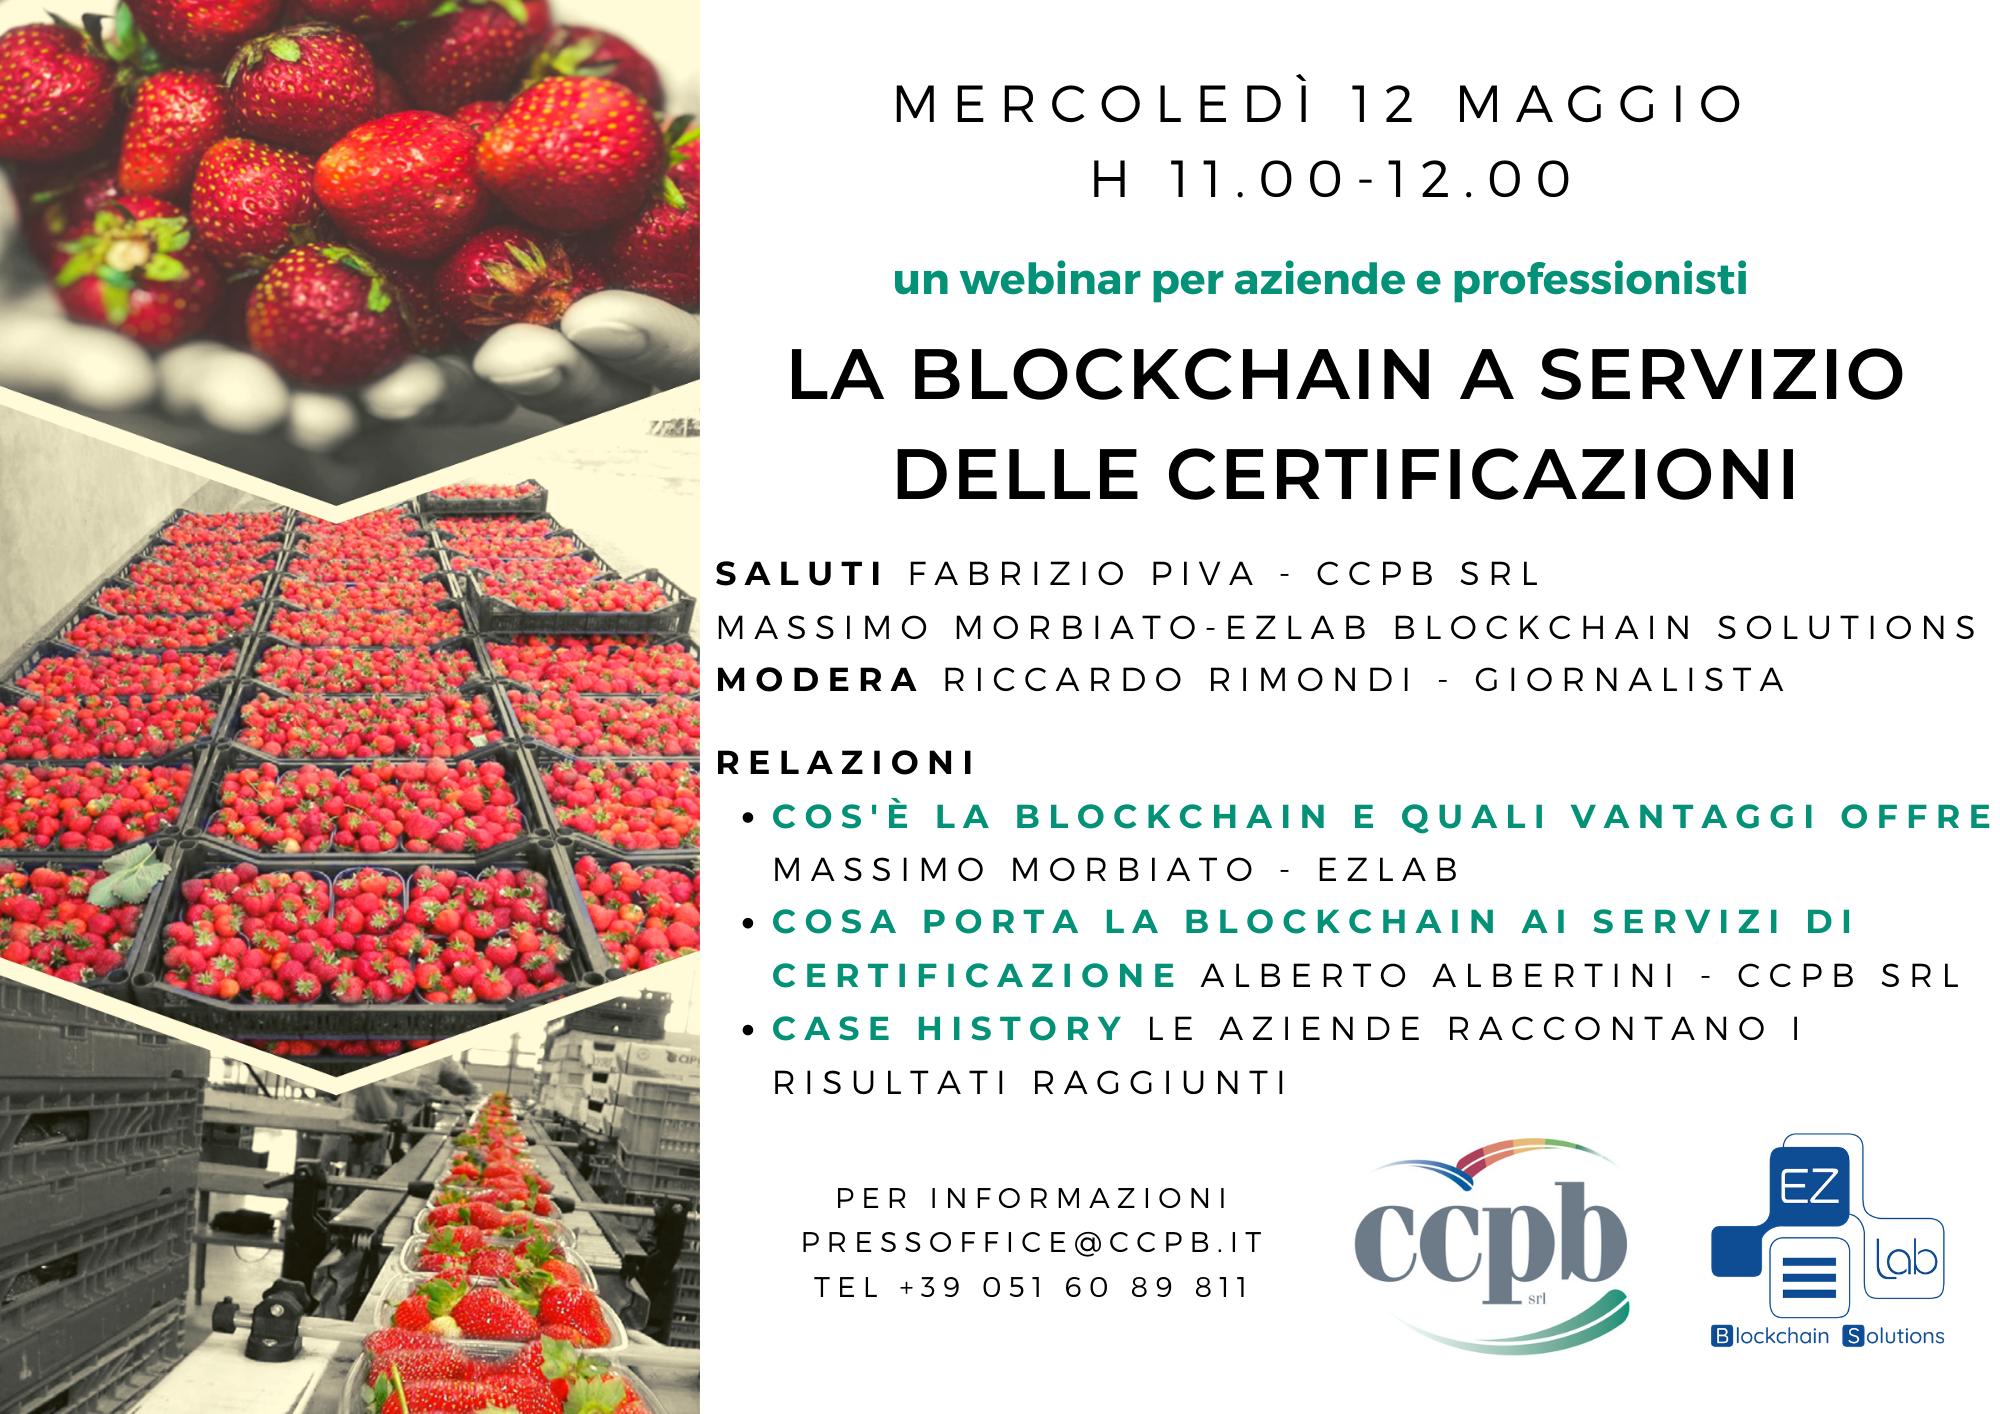 La blockchain a servizio delle certificazioni